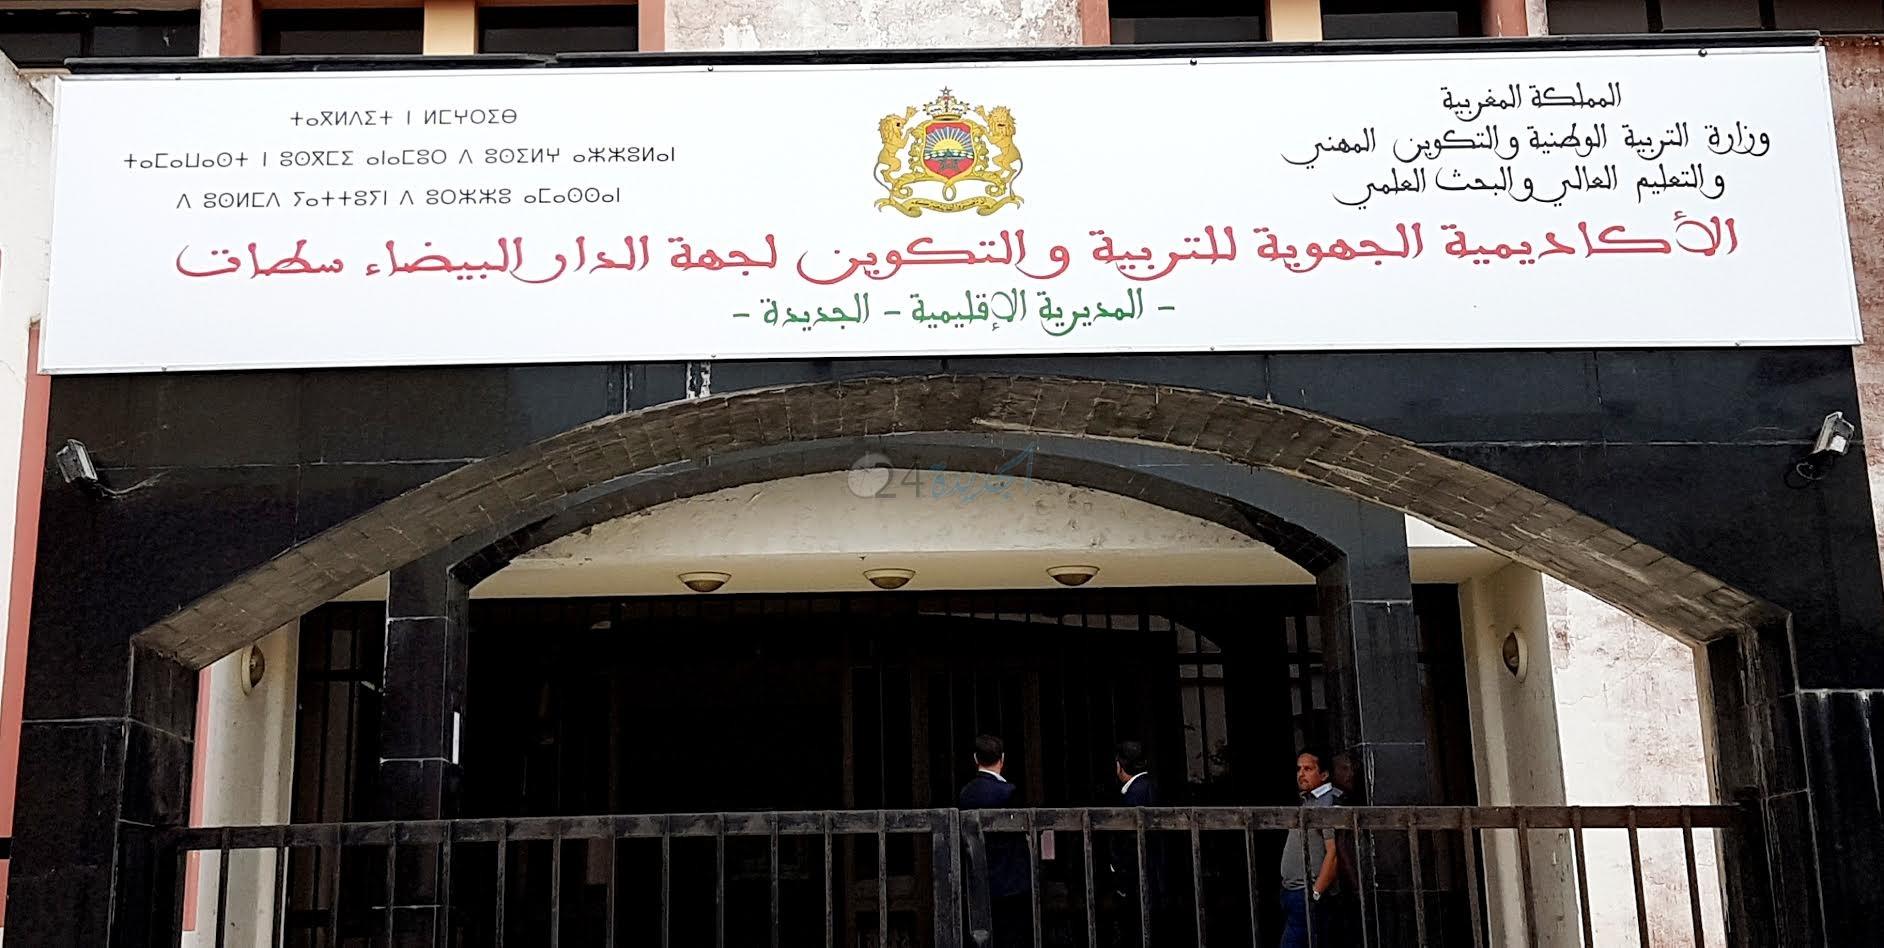 'الجديدة 24' توضح ما نشرته عن مسؤول ''بارك أوطو'' بمديرية التعليم بالجديدة